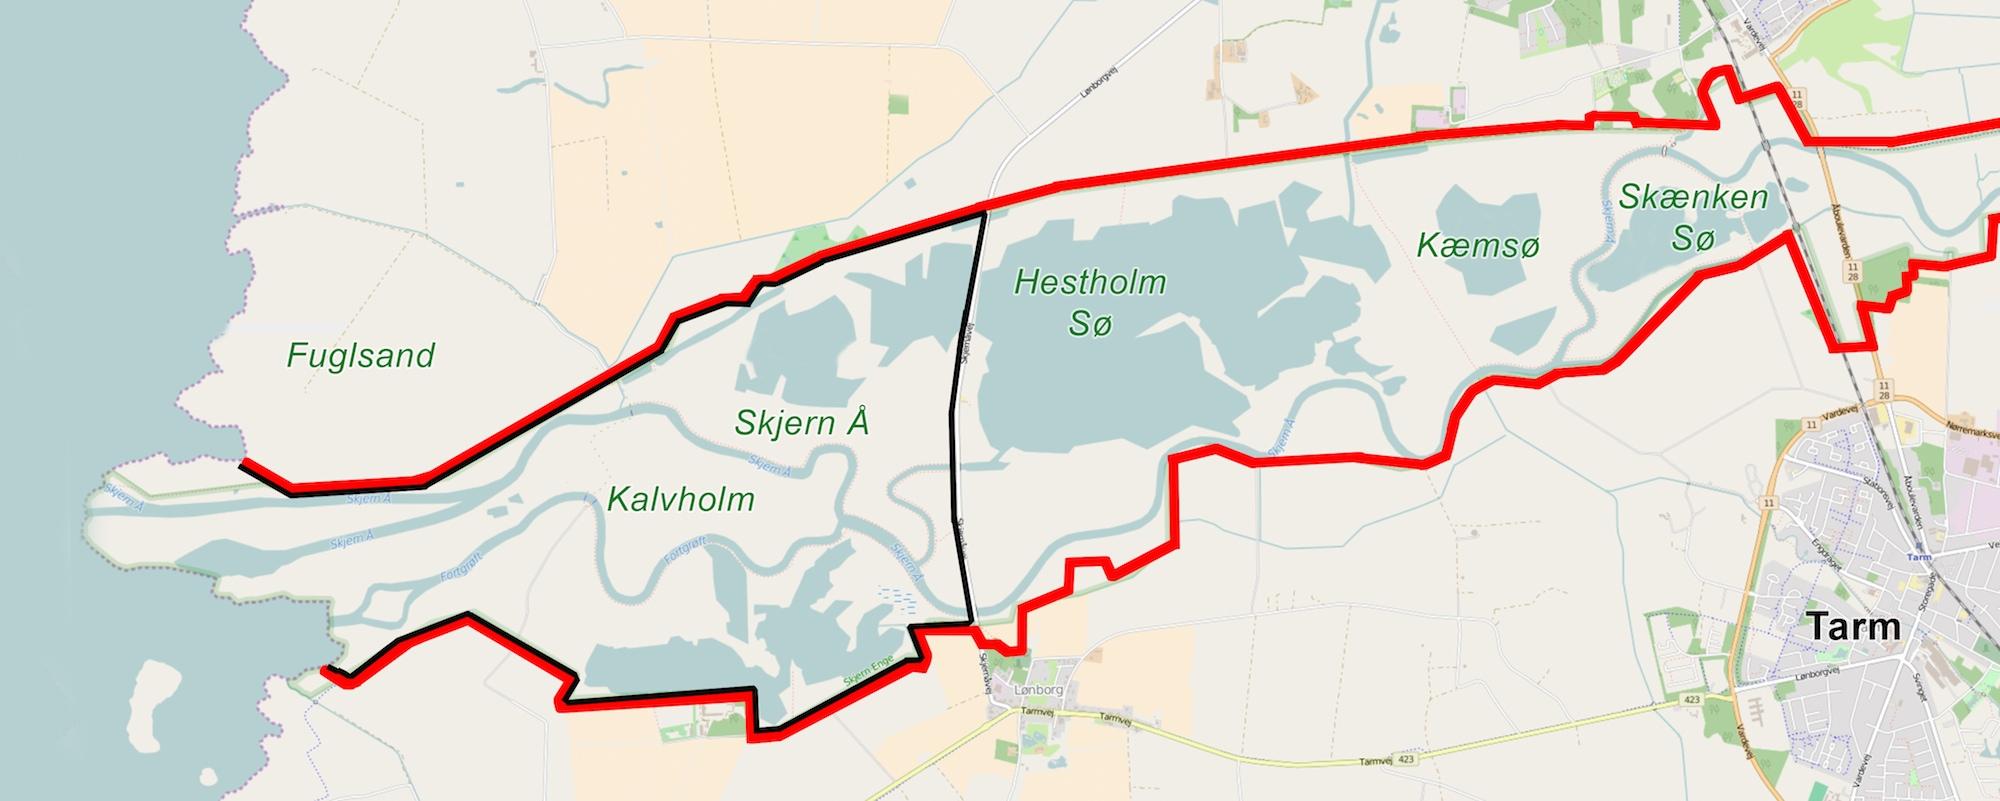 Ringkobing Skjern Kommune Danarige Dk Page 3